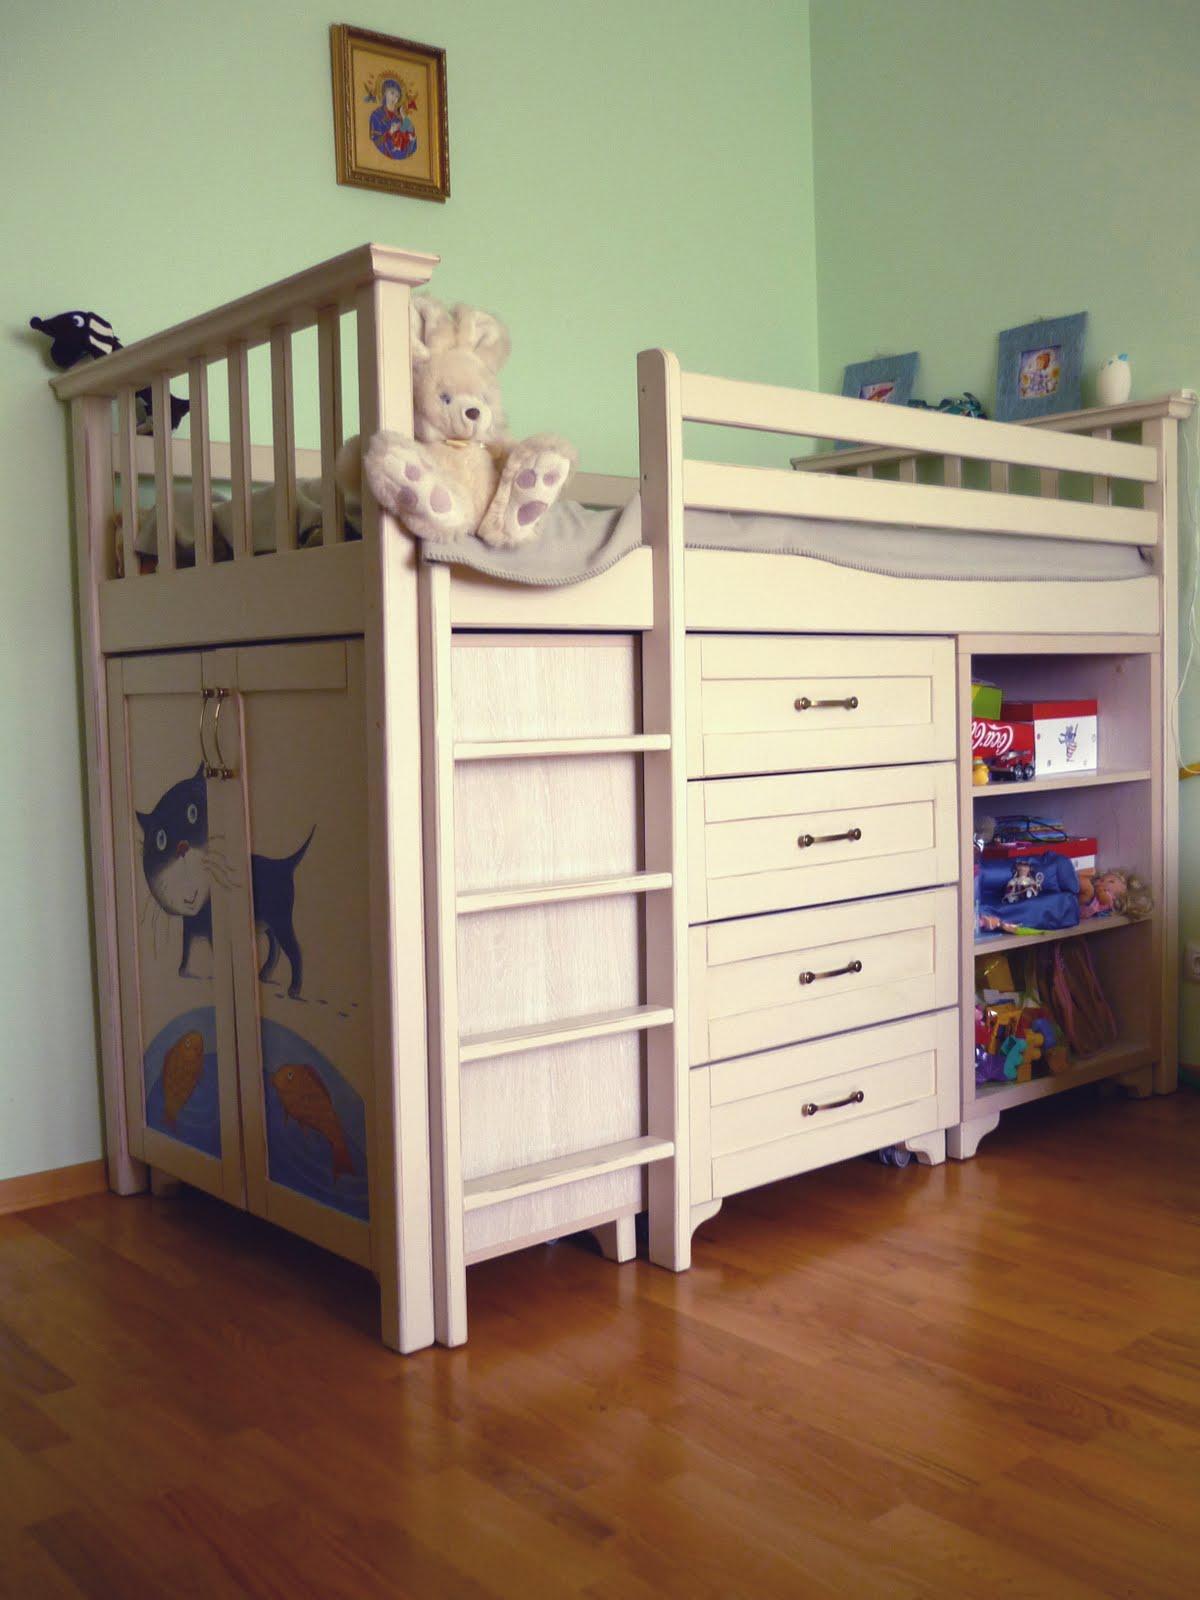 Дитячі кімнати ліжка креденс меблі